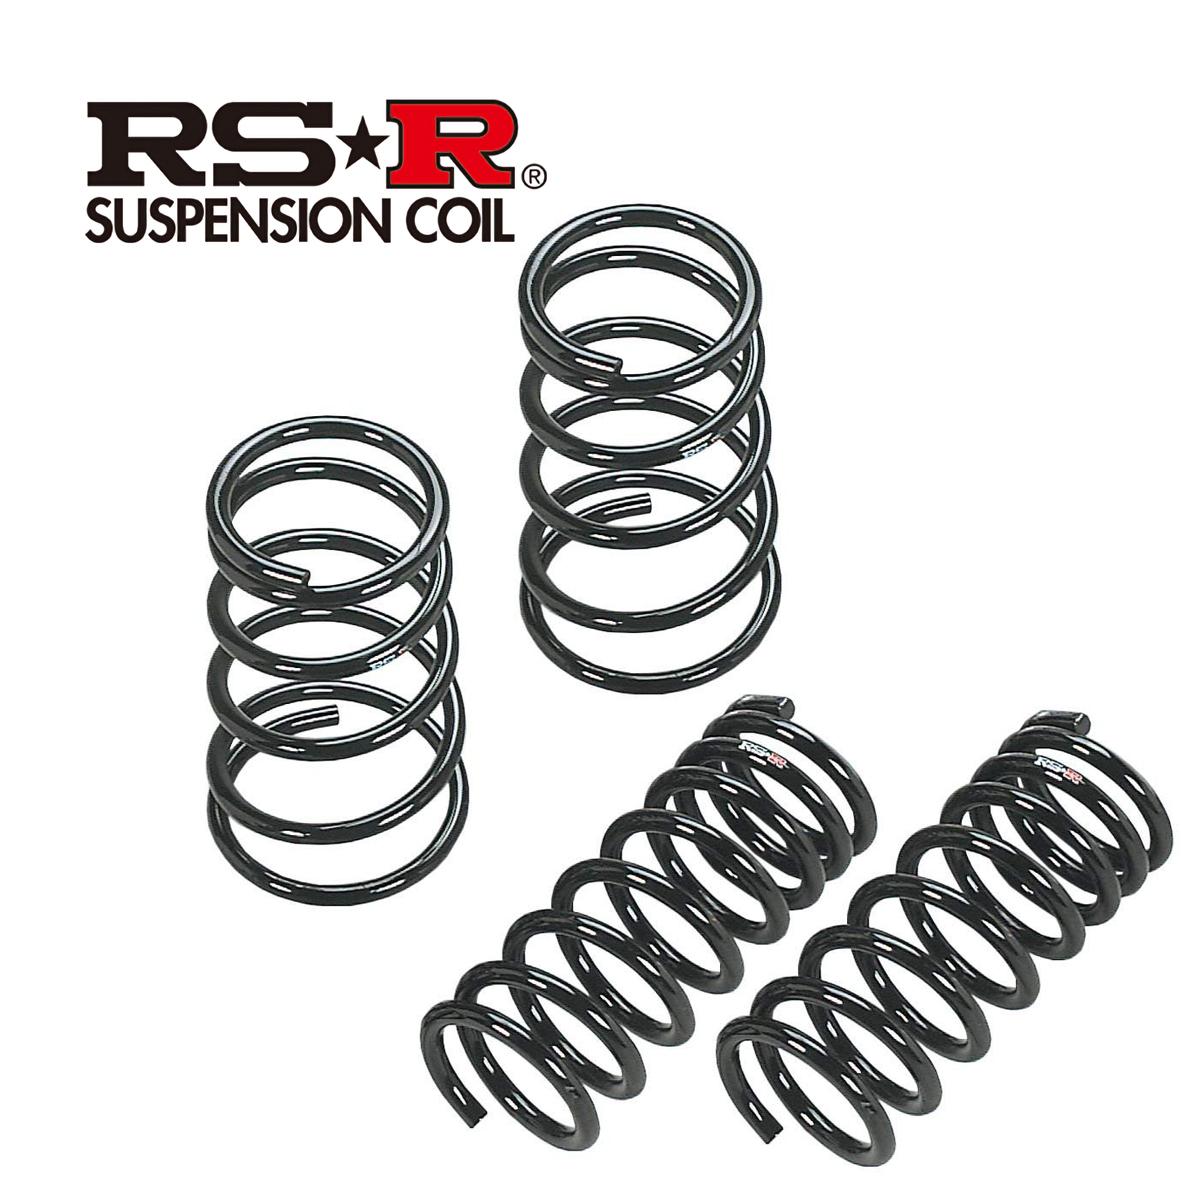 RS-R エスティマ アエラスプレミアム ACR50W ダウンサス スプリング 1台分 T521W RSR ダウン RSR 個人宅発送追金有